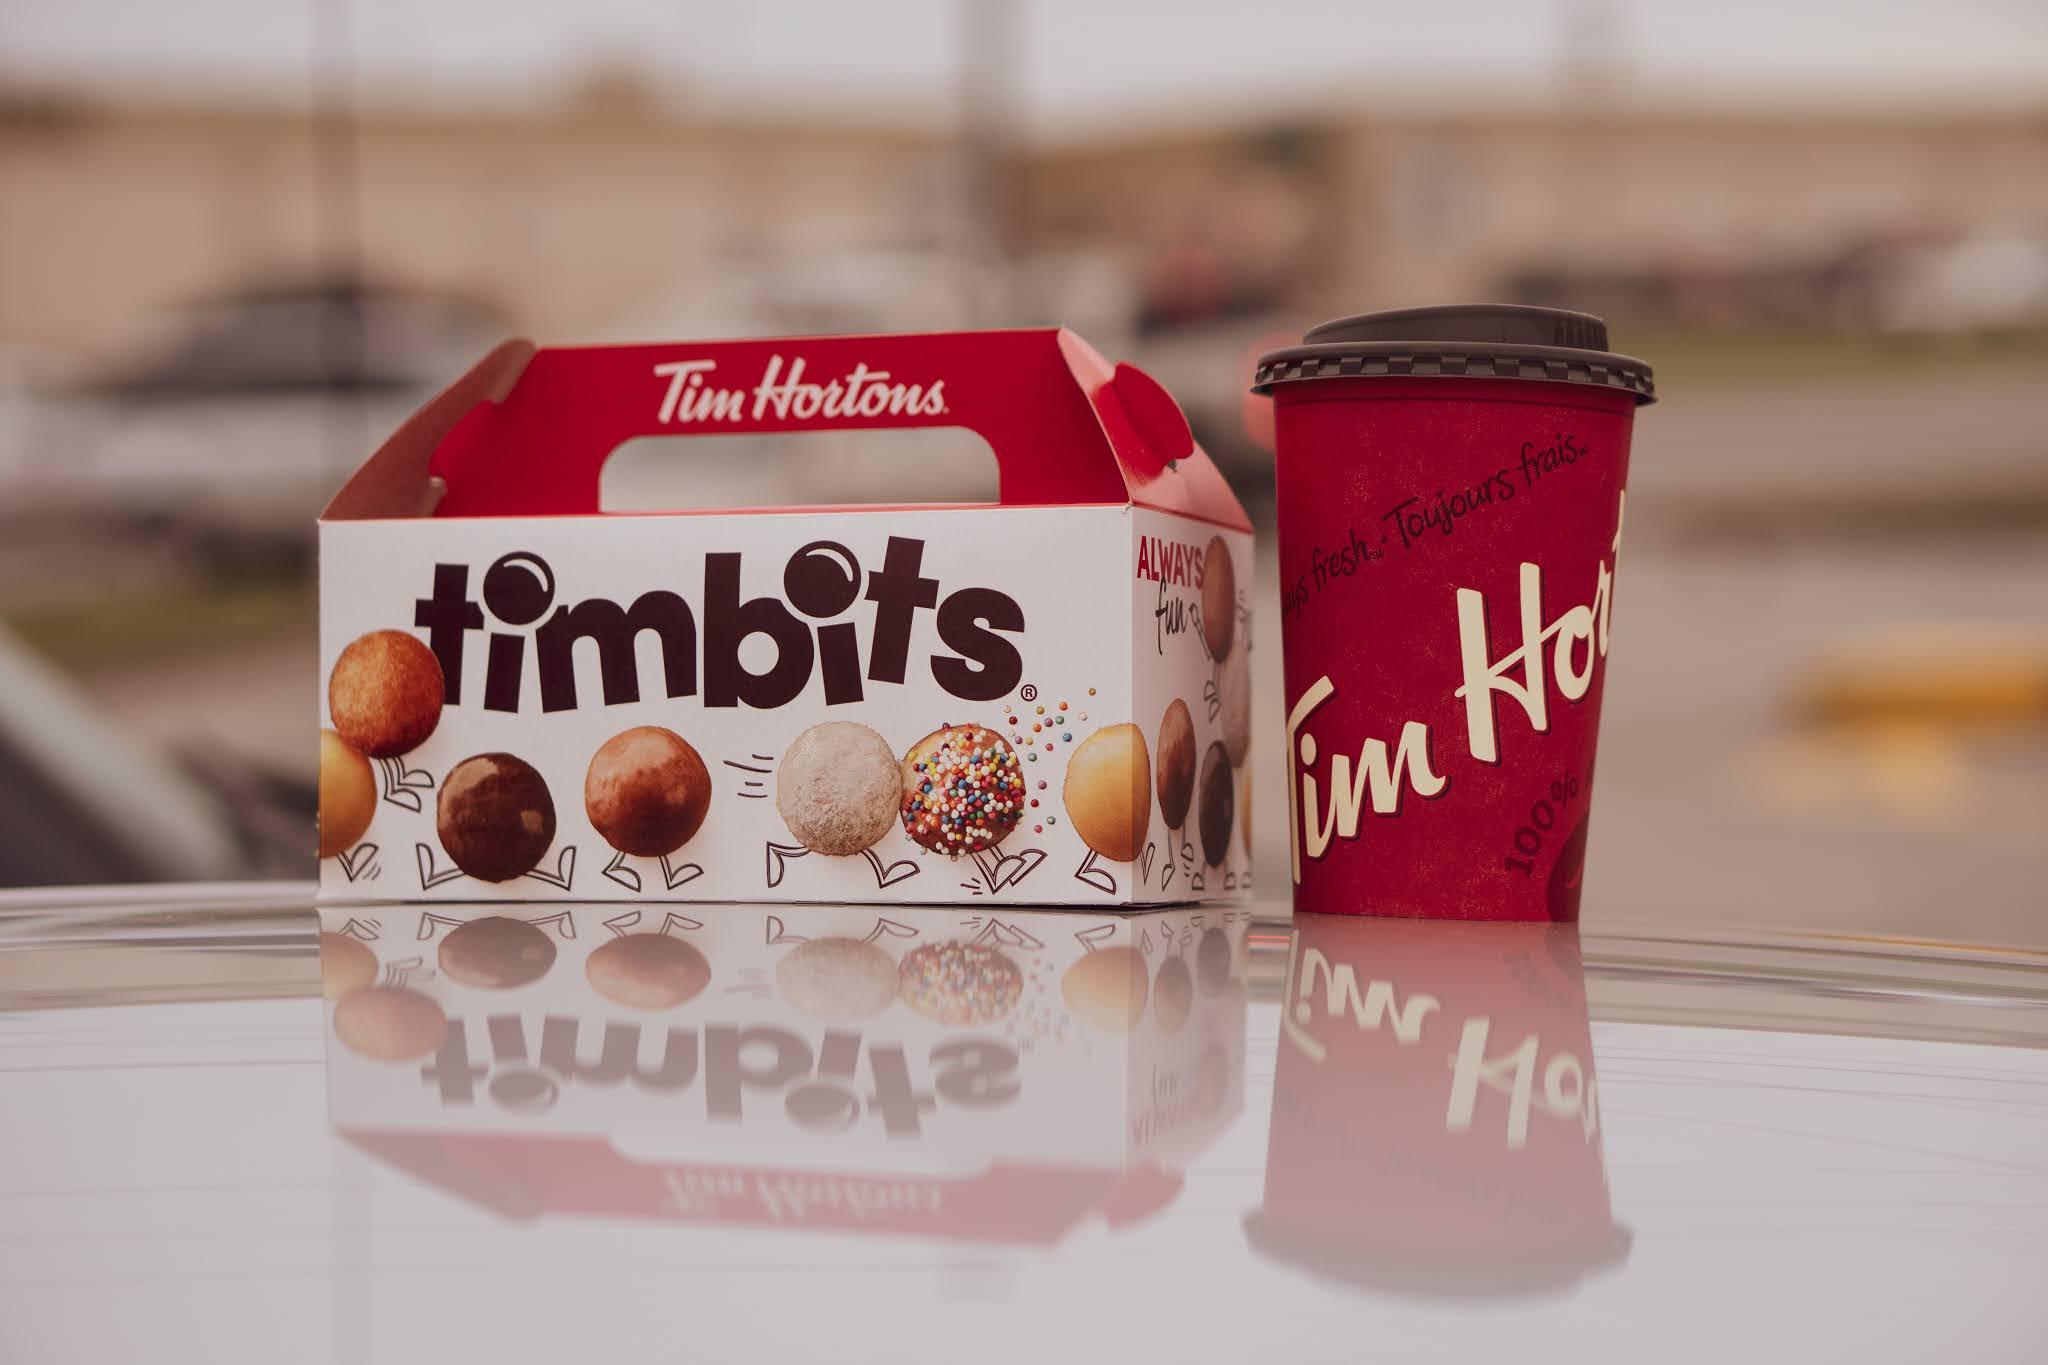 Tim hortons café e tim bits